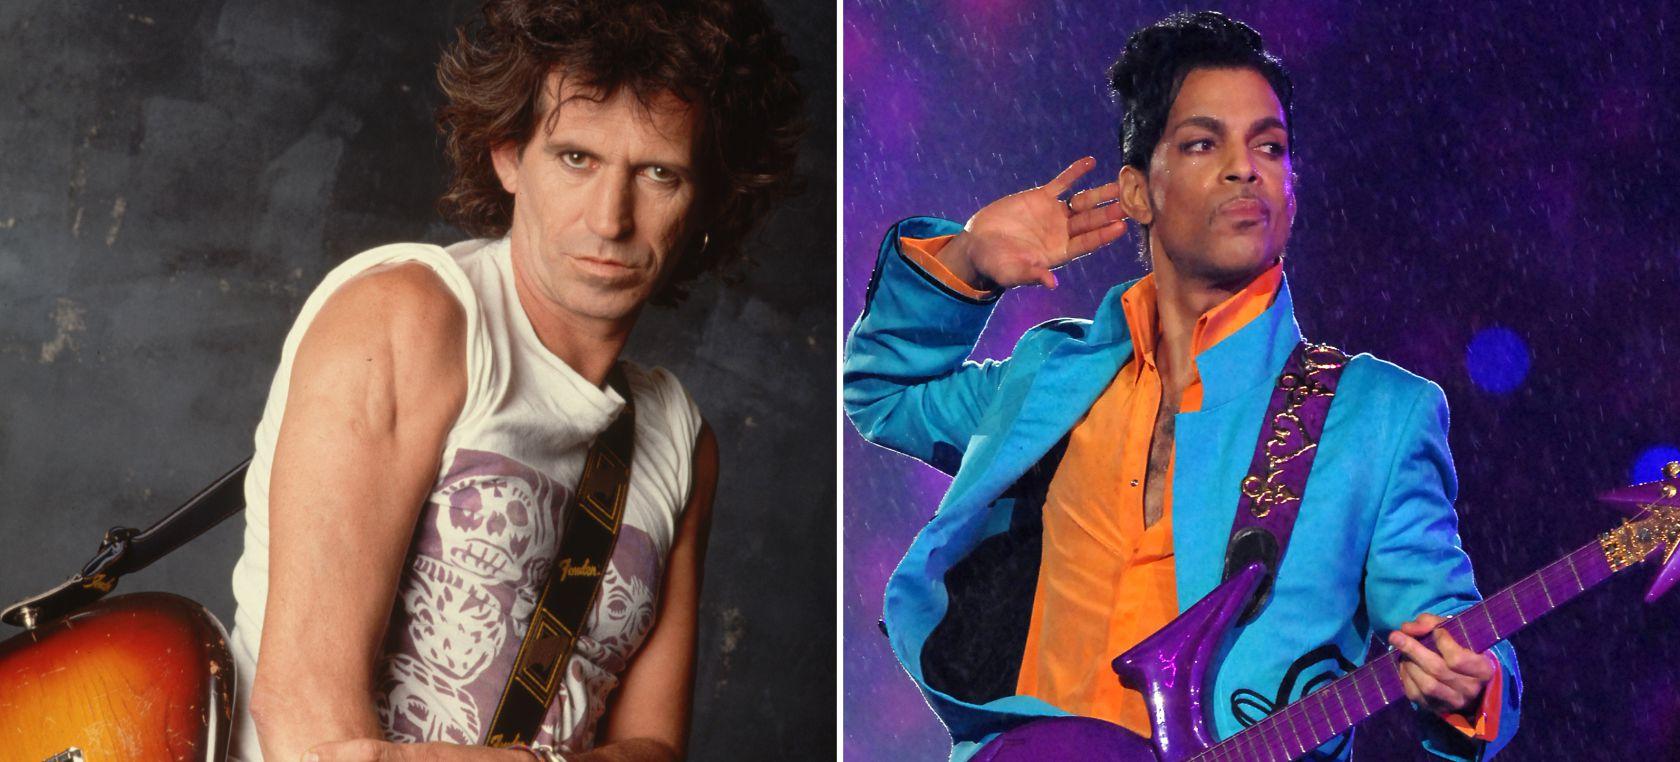 Esta es la razón por la que Keith Richards despreciaba a Prince y le llamaba